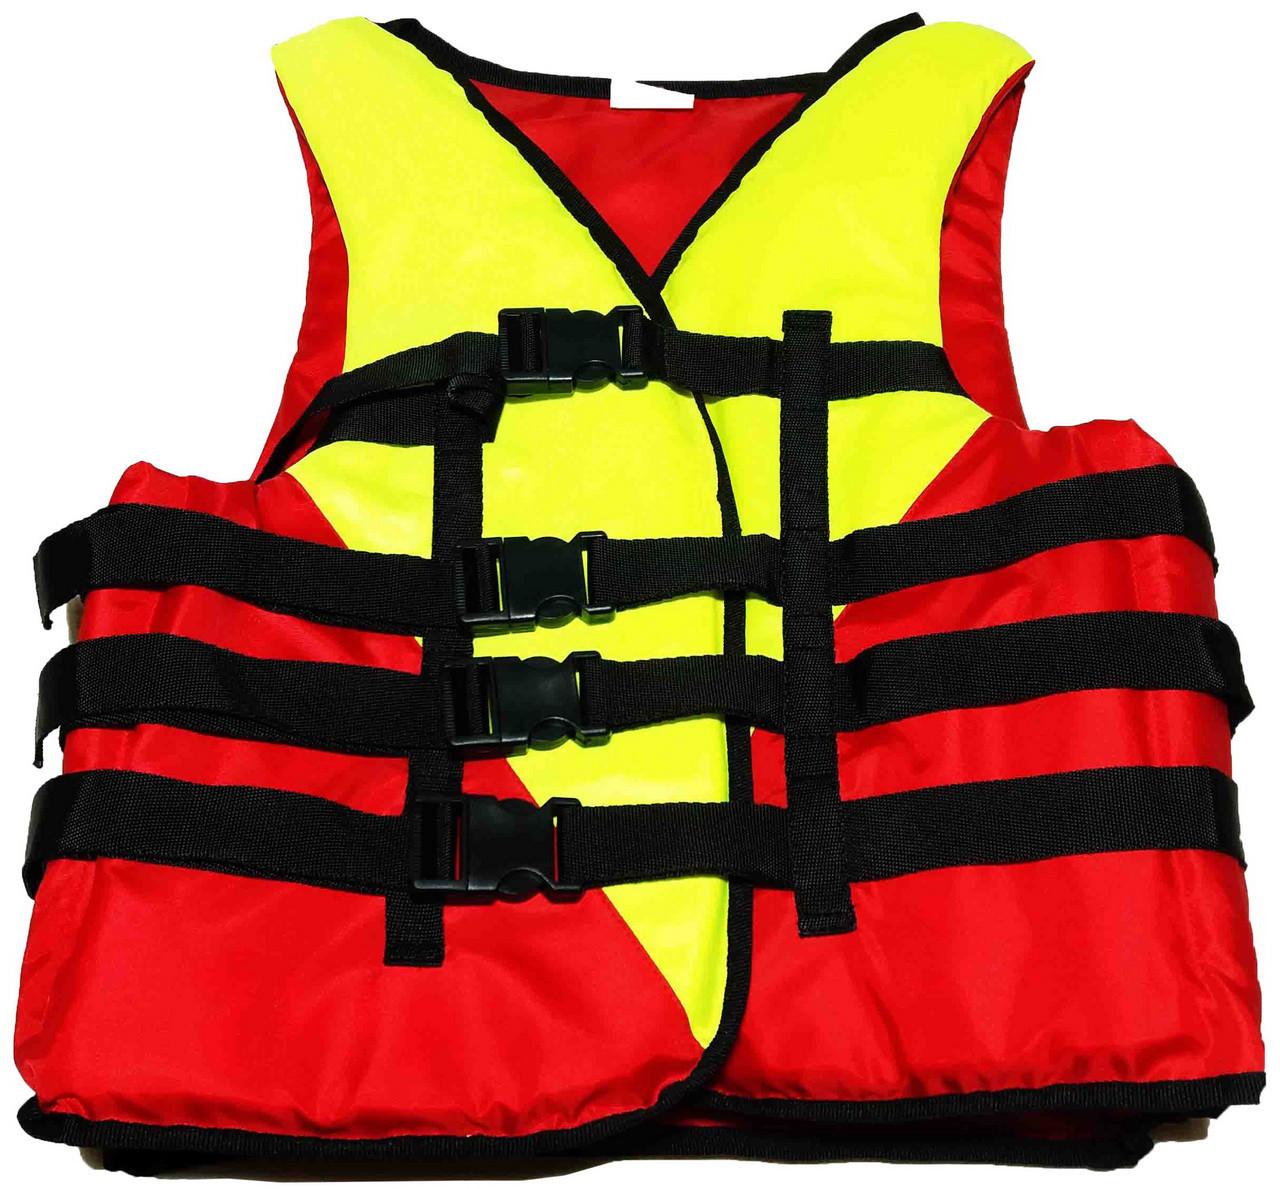 Спасательный жилет (вес 70-90 кг)